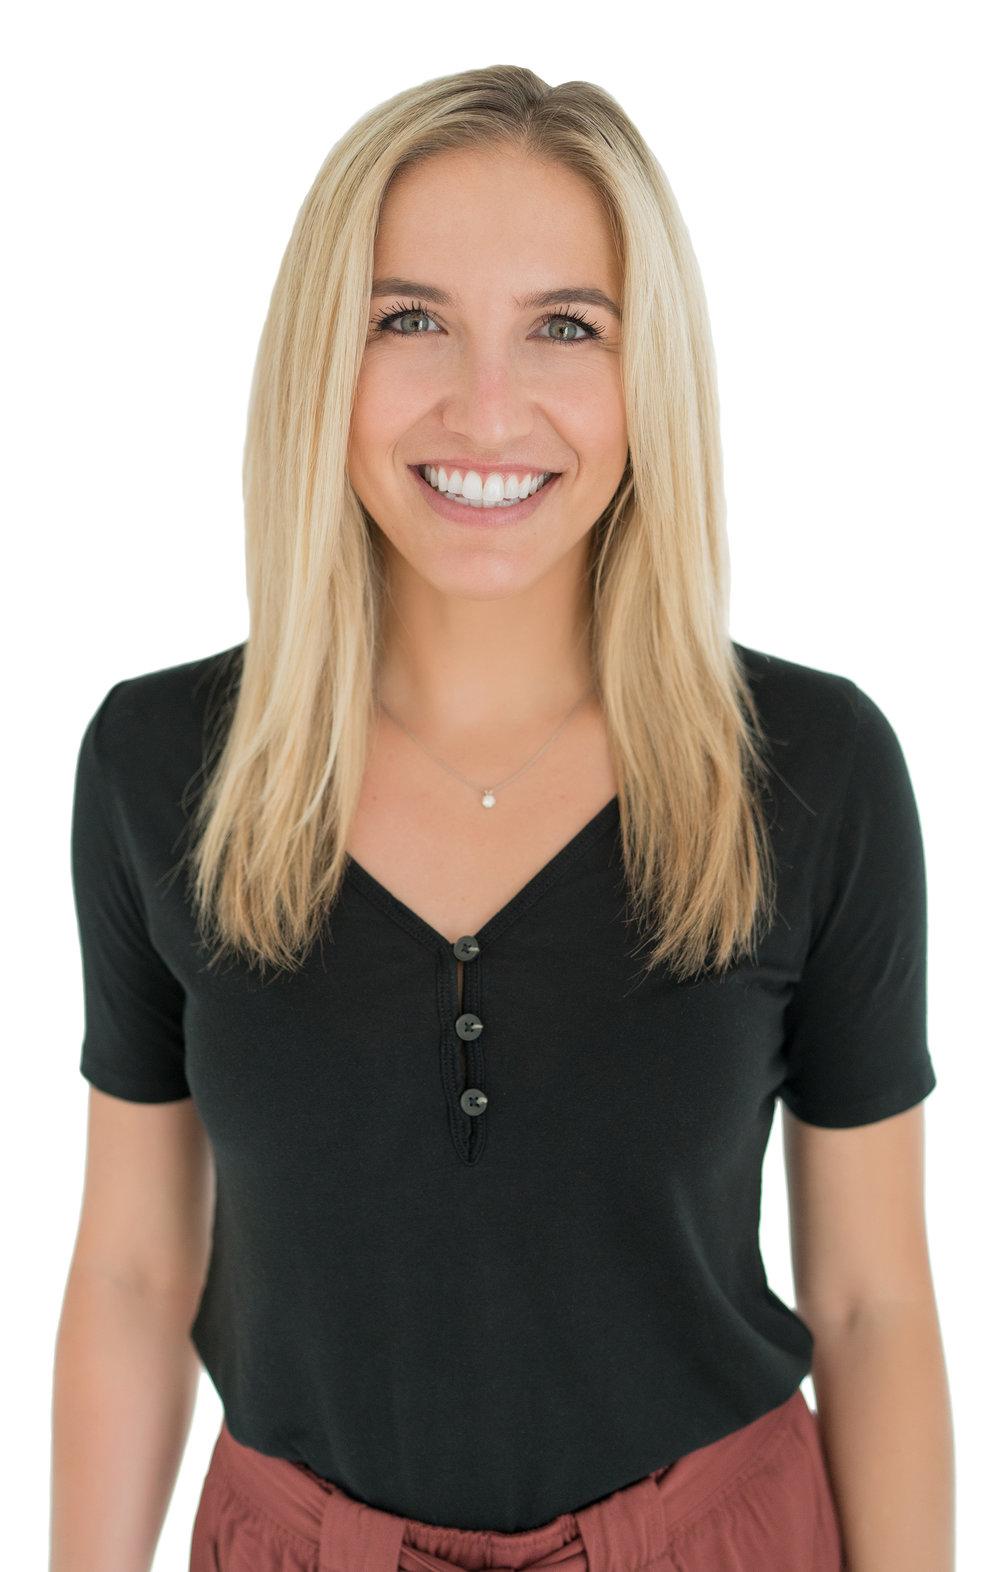 Brittany Weisberg